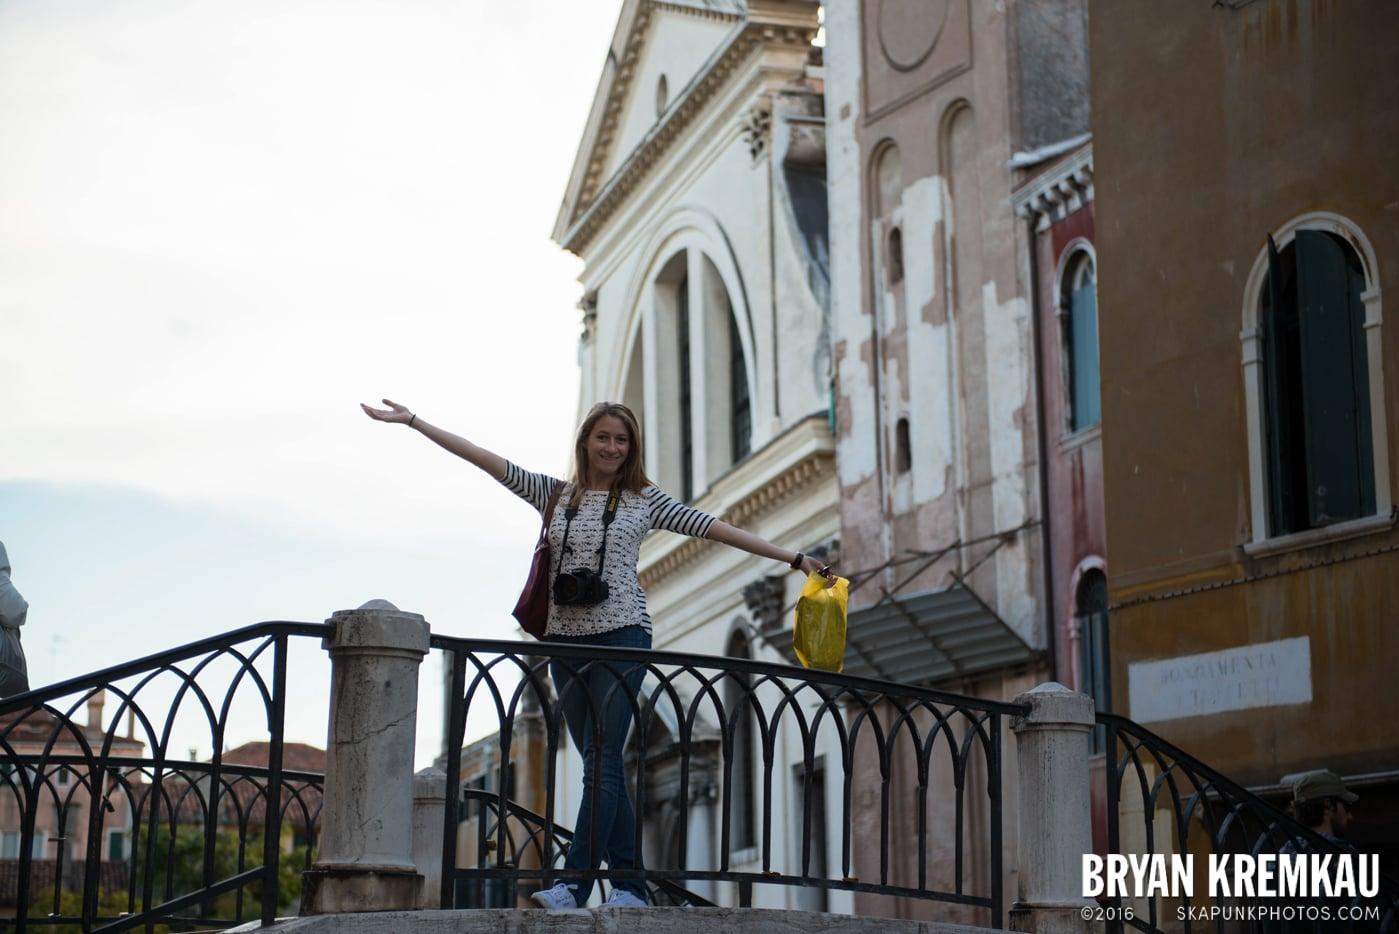 Italy Vacation - Day 4: Venice - 9.12.13 (23)